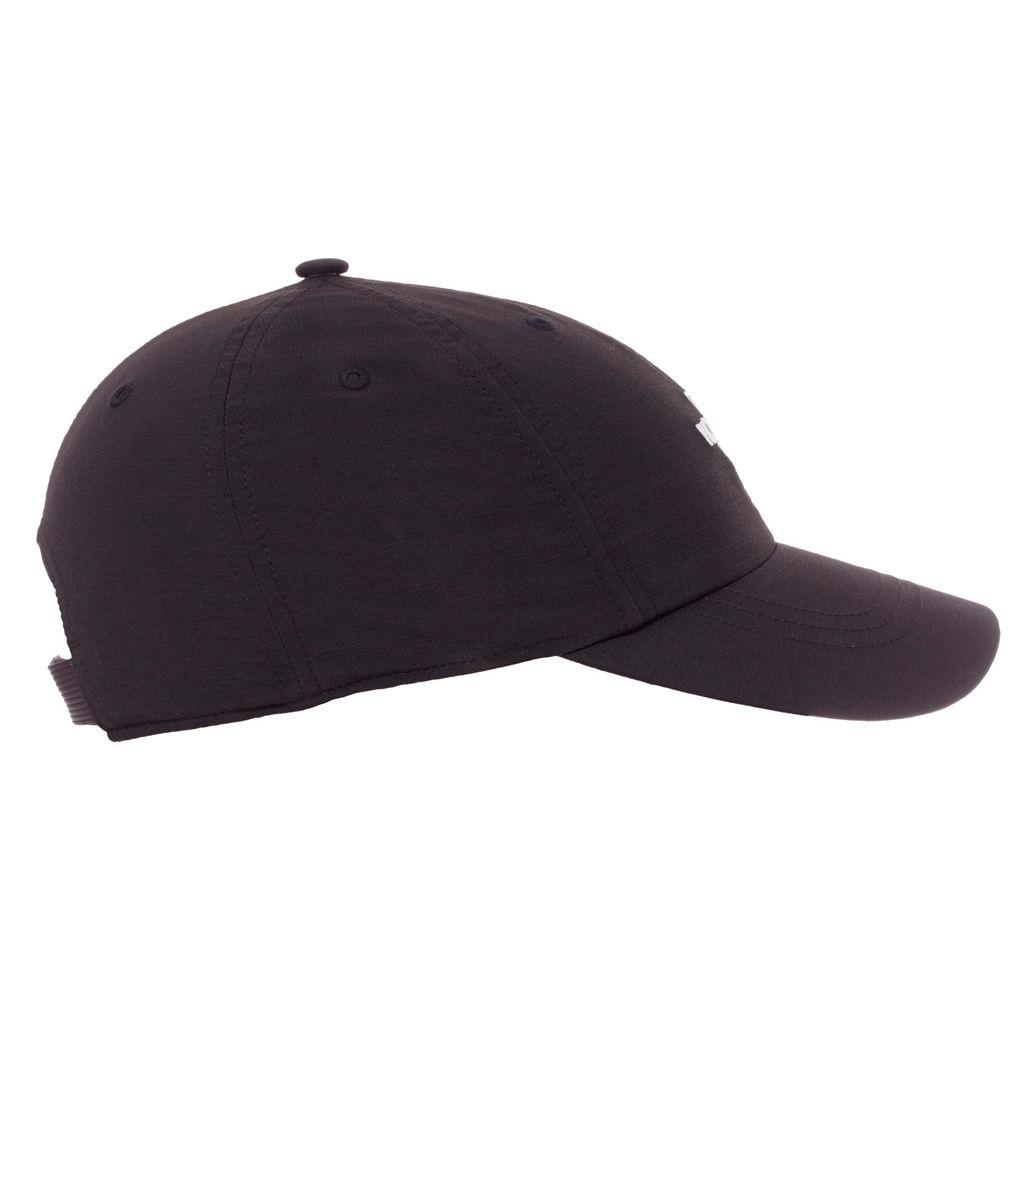 Bilde av The North Face Horizon Hat, Tnf black